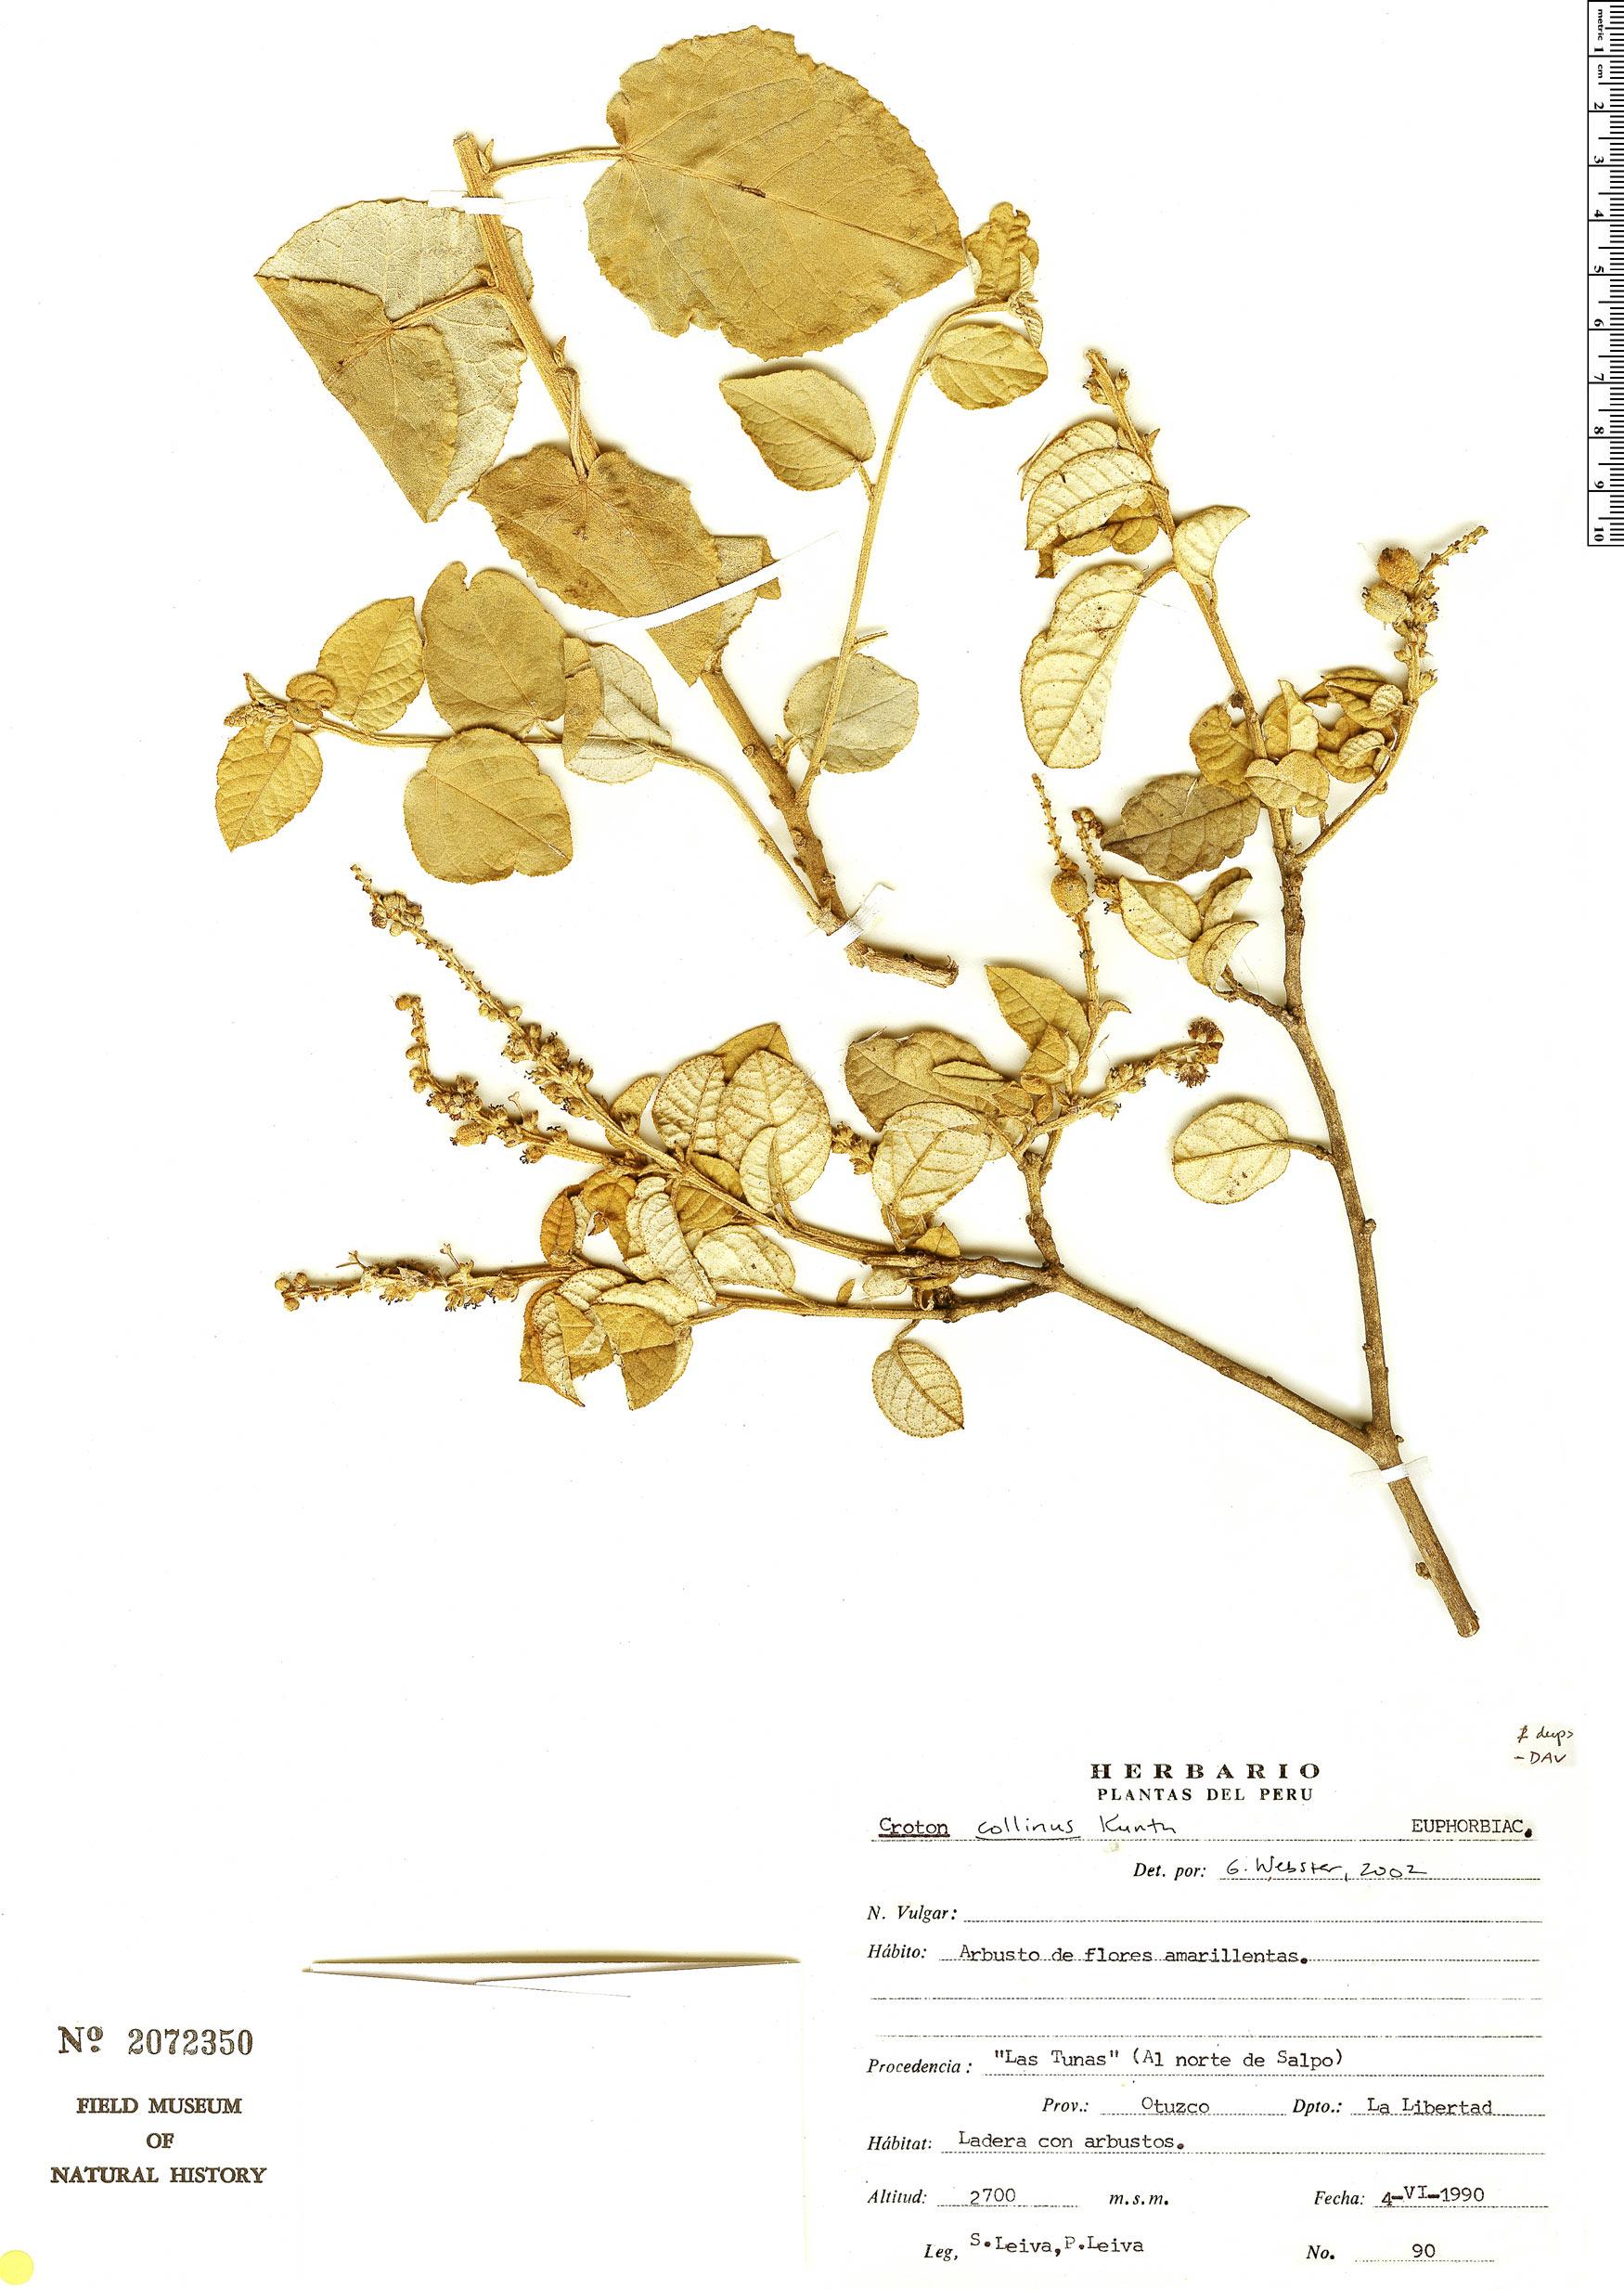 Specimen: Croton collinus